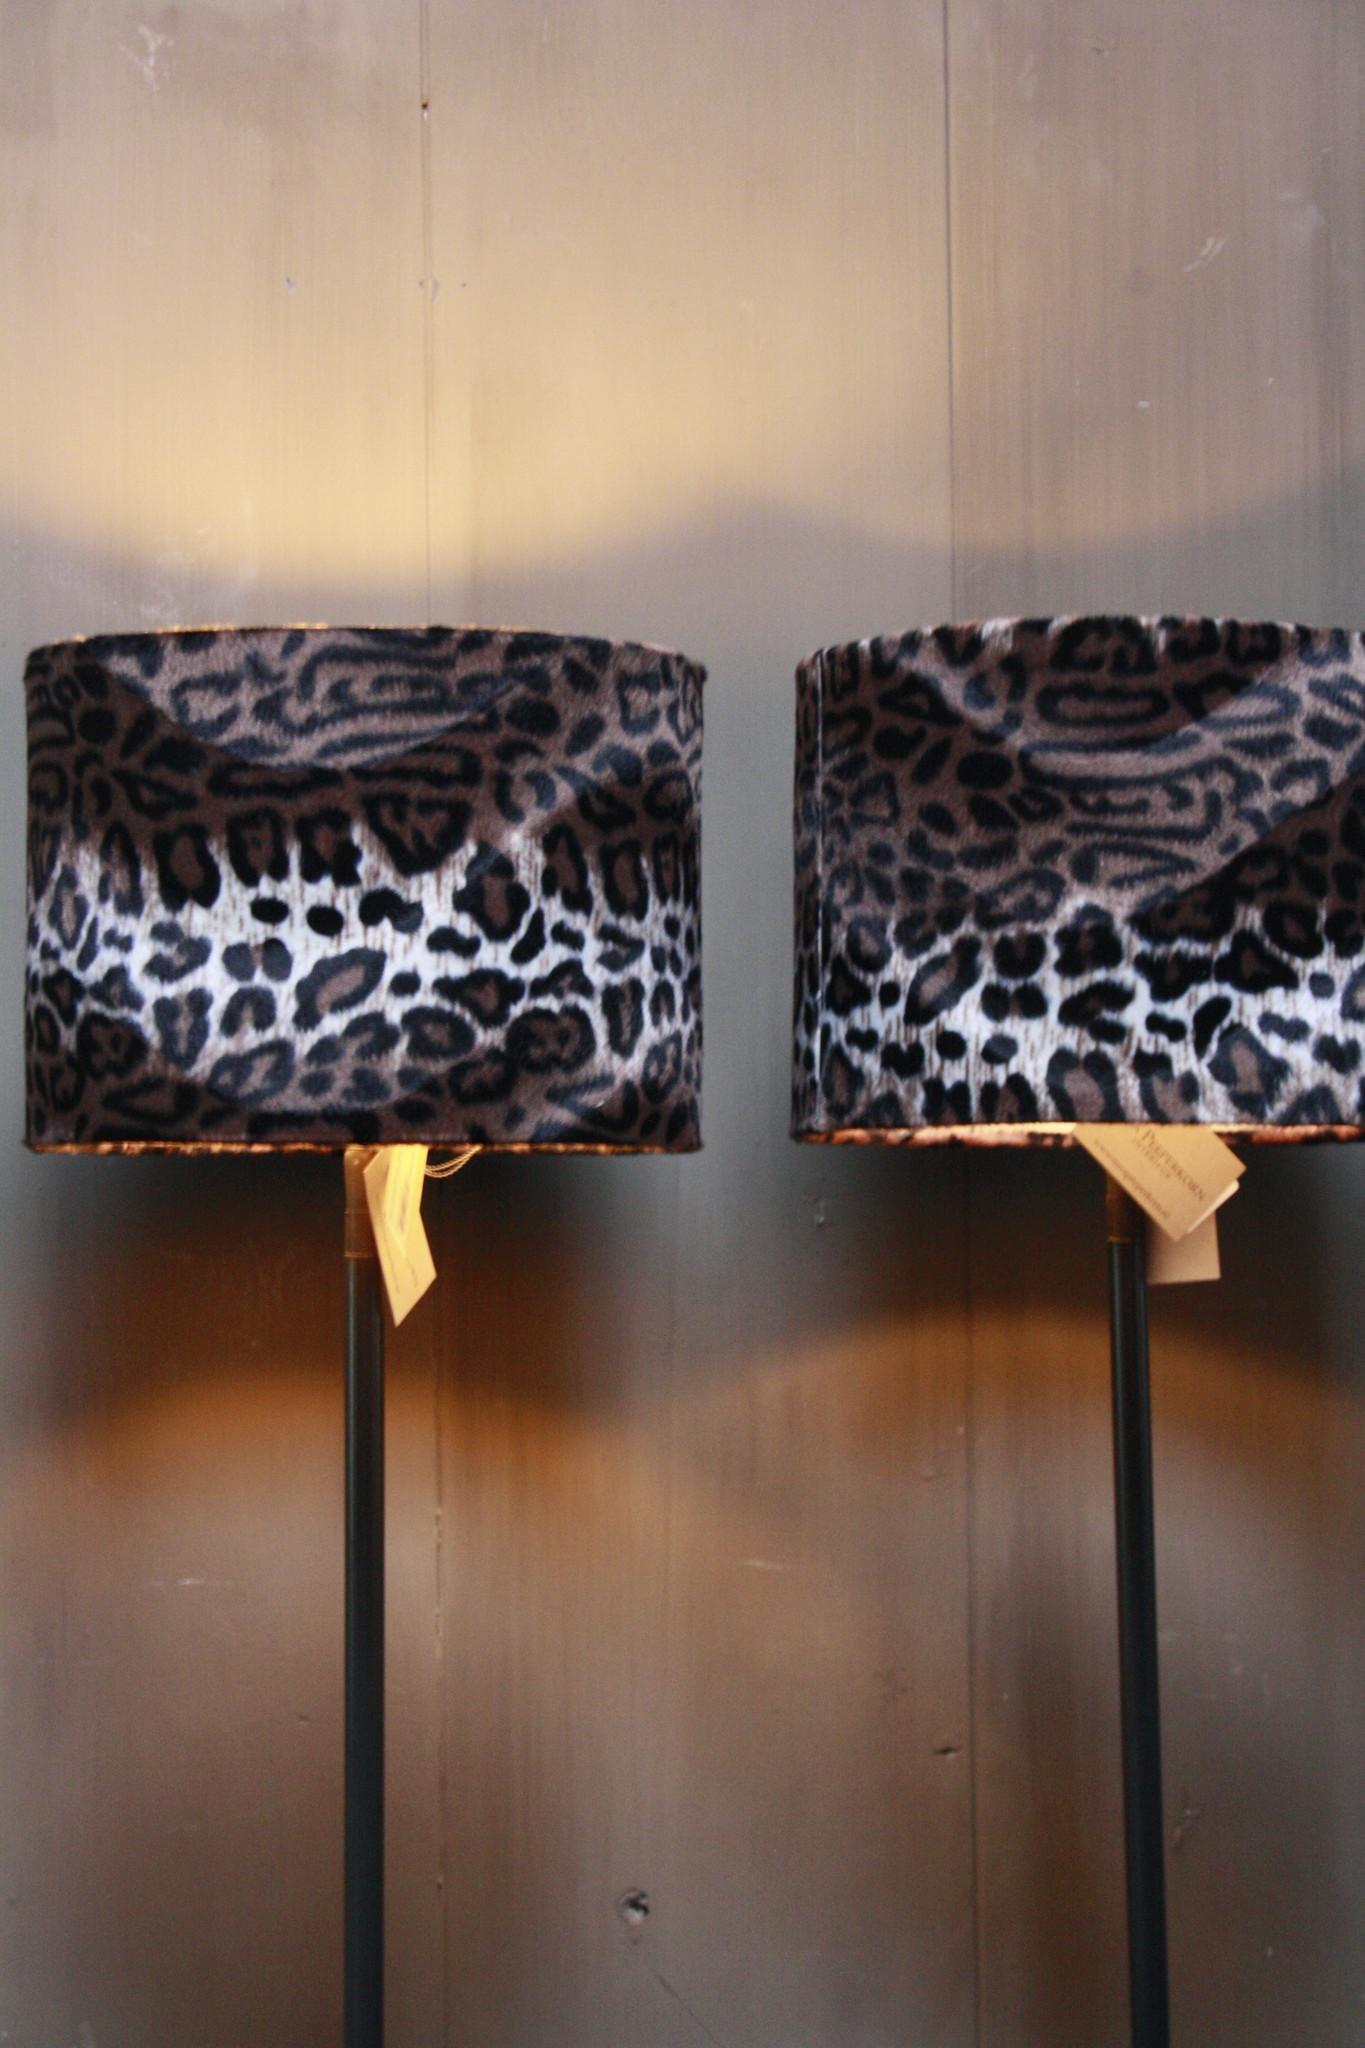 Vloerlamp 120 cm velvet luipaard/panterprint + natuurstenen voet-2